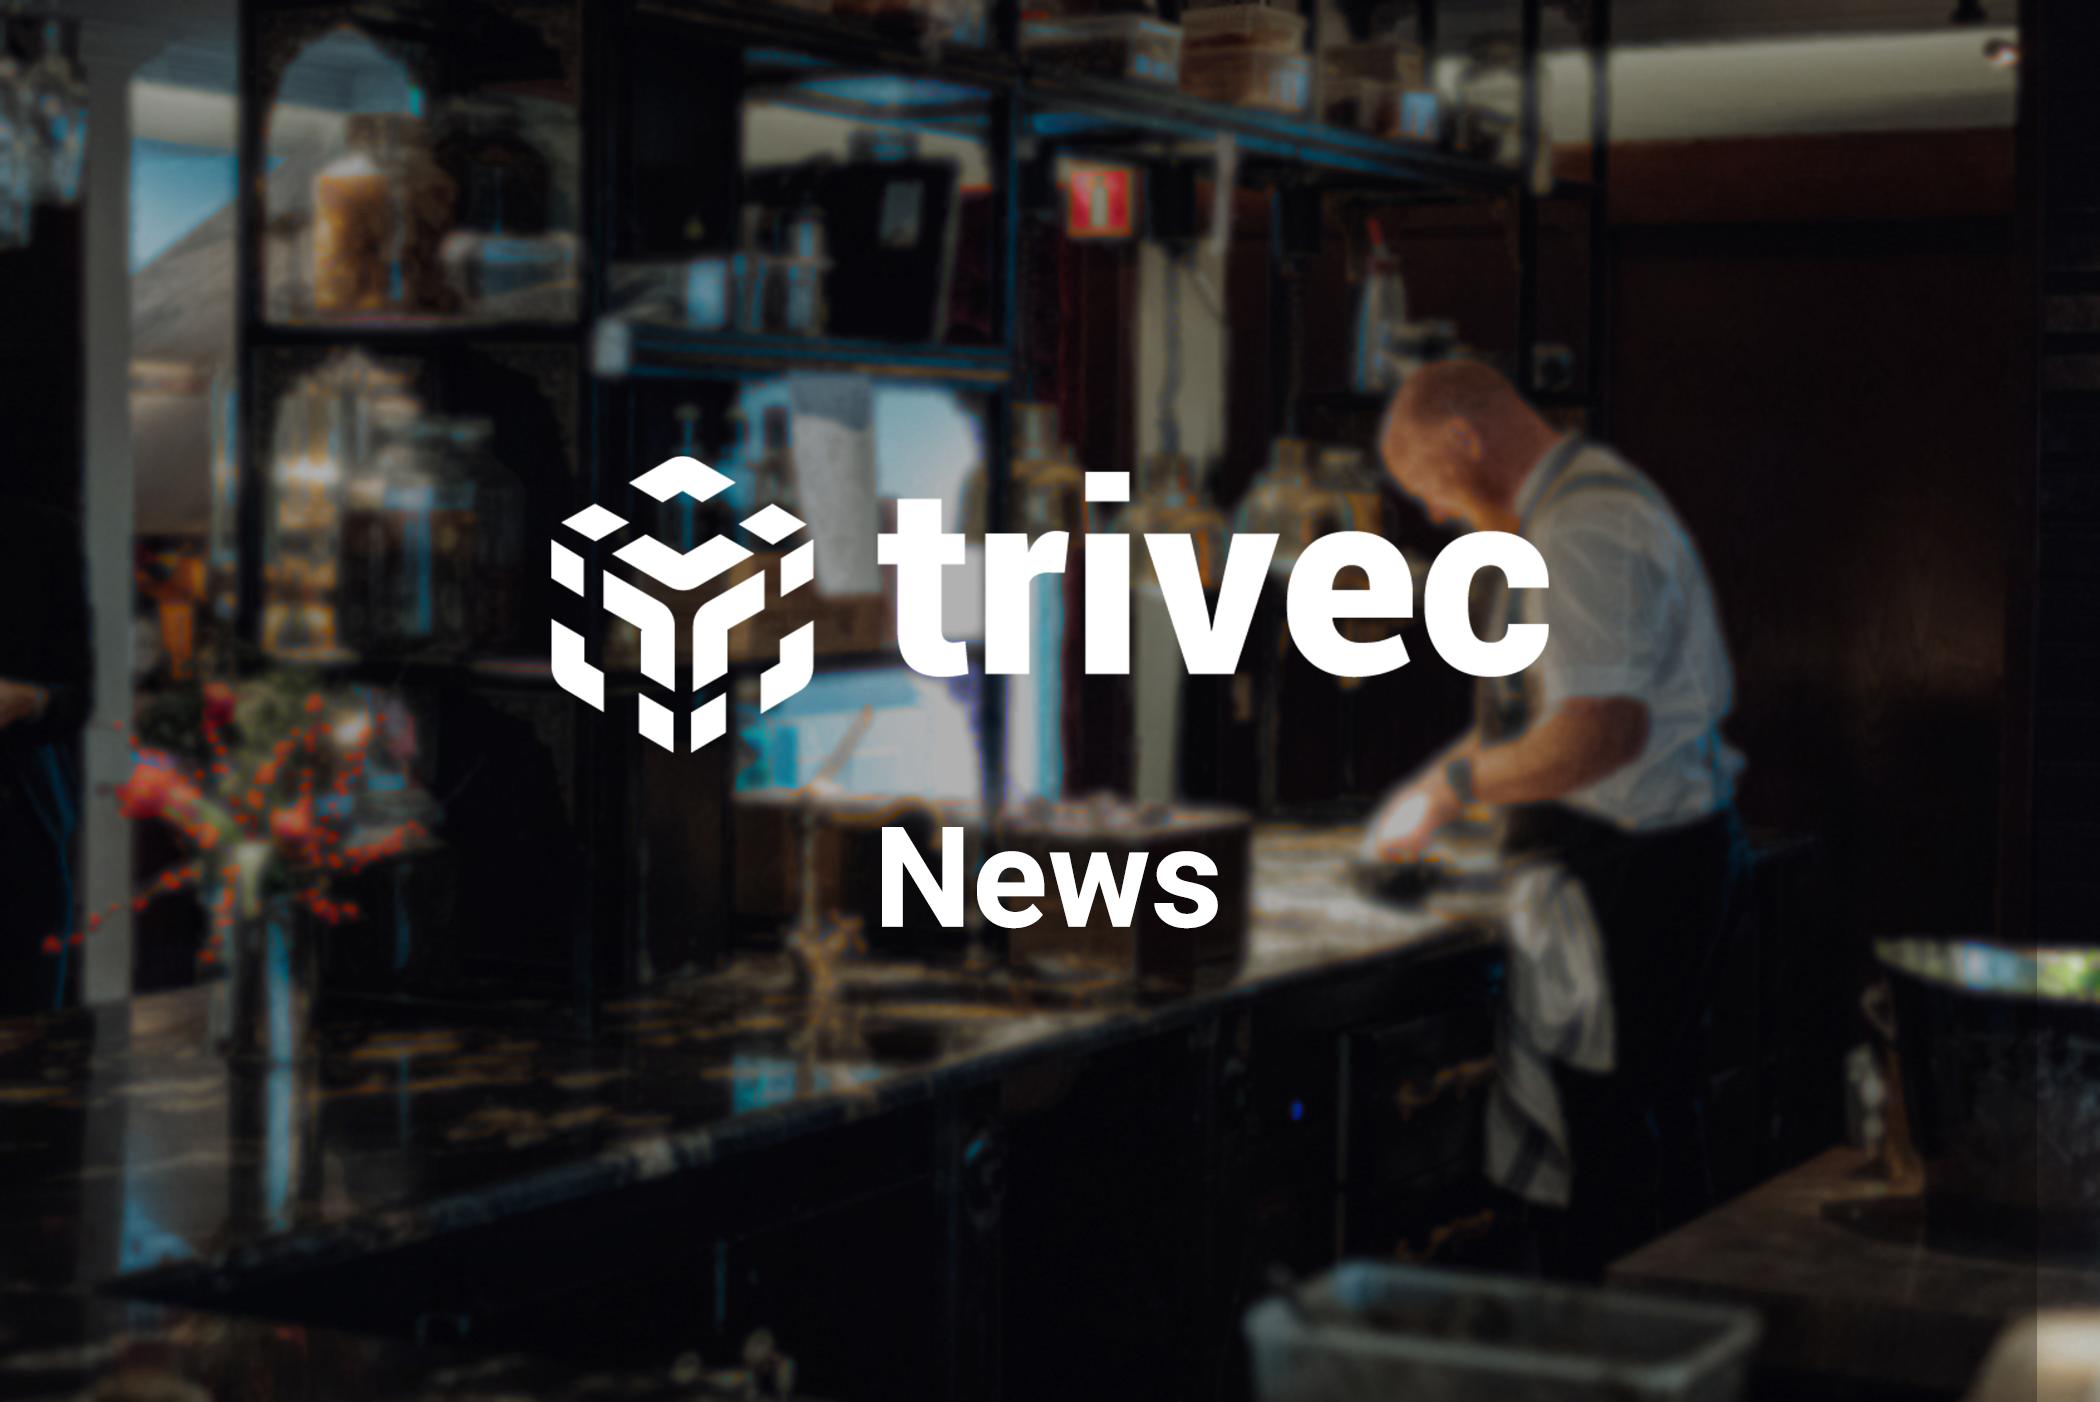 Trivec-News